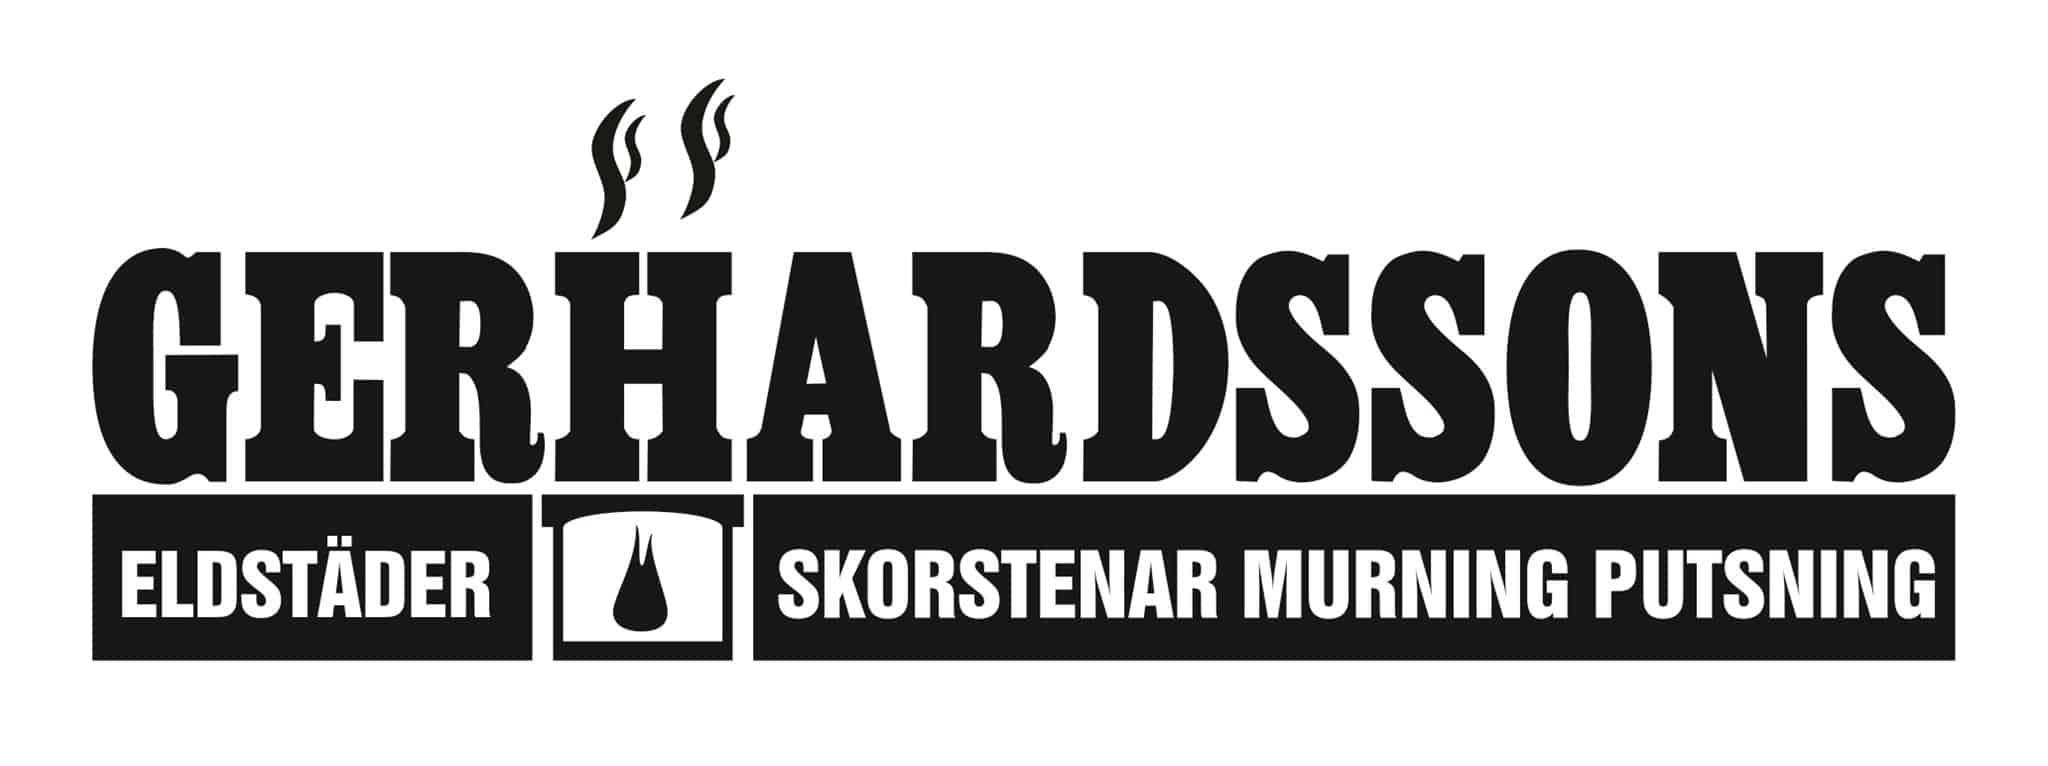 Logotyp för Gerhardssons Skorstenar